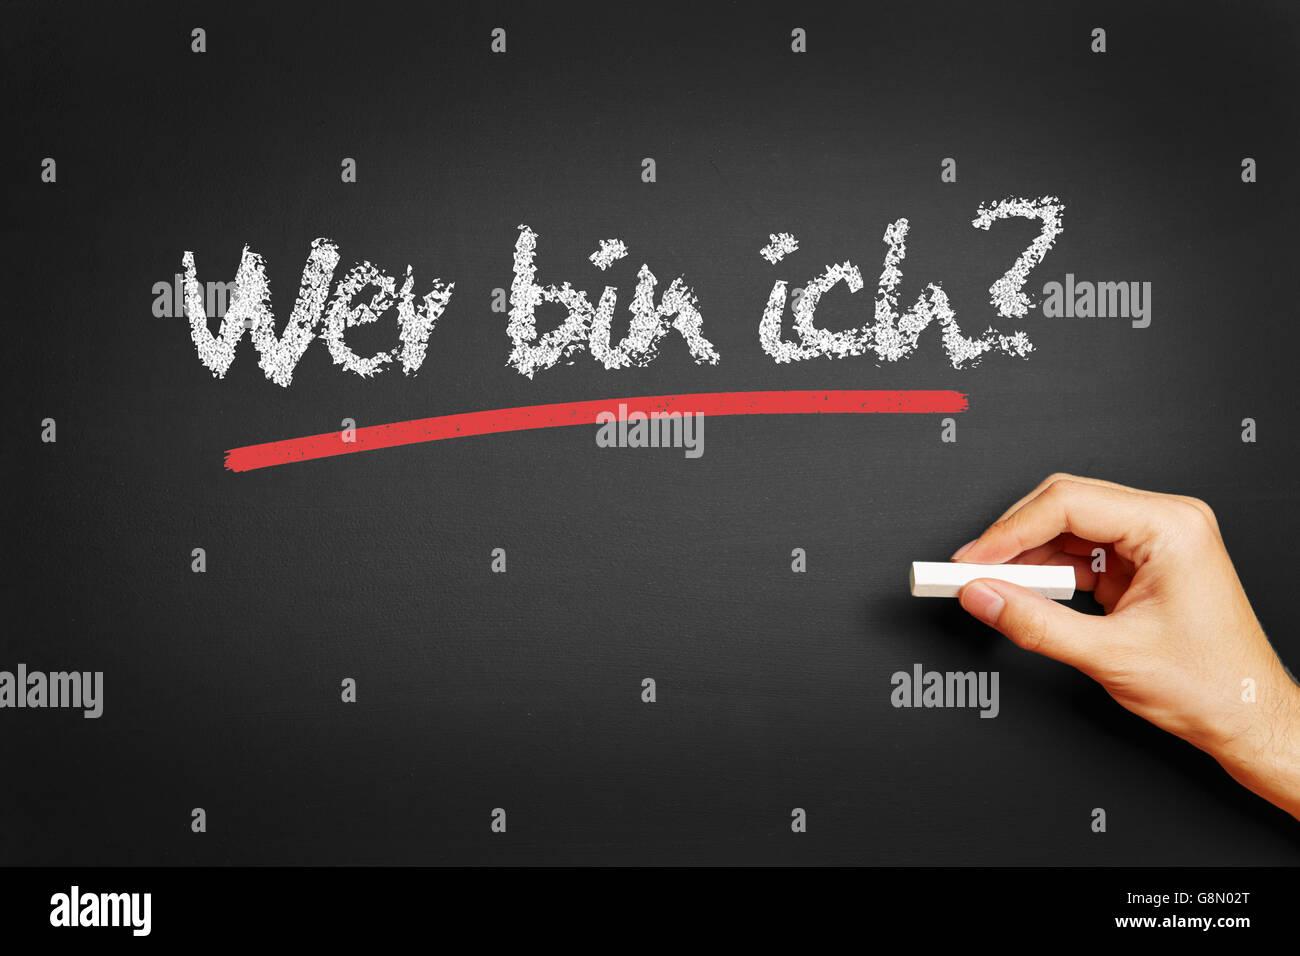 Hand writes in German 'Wer bin ich?' (Who am I?) on blackboard - Stock Image